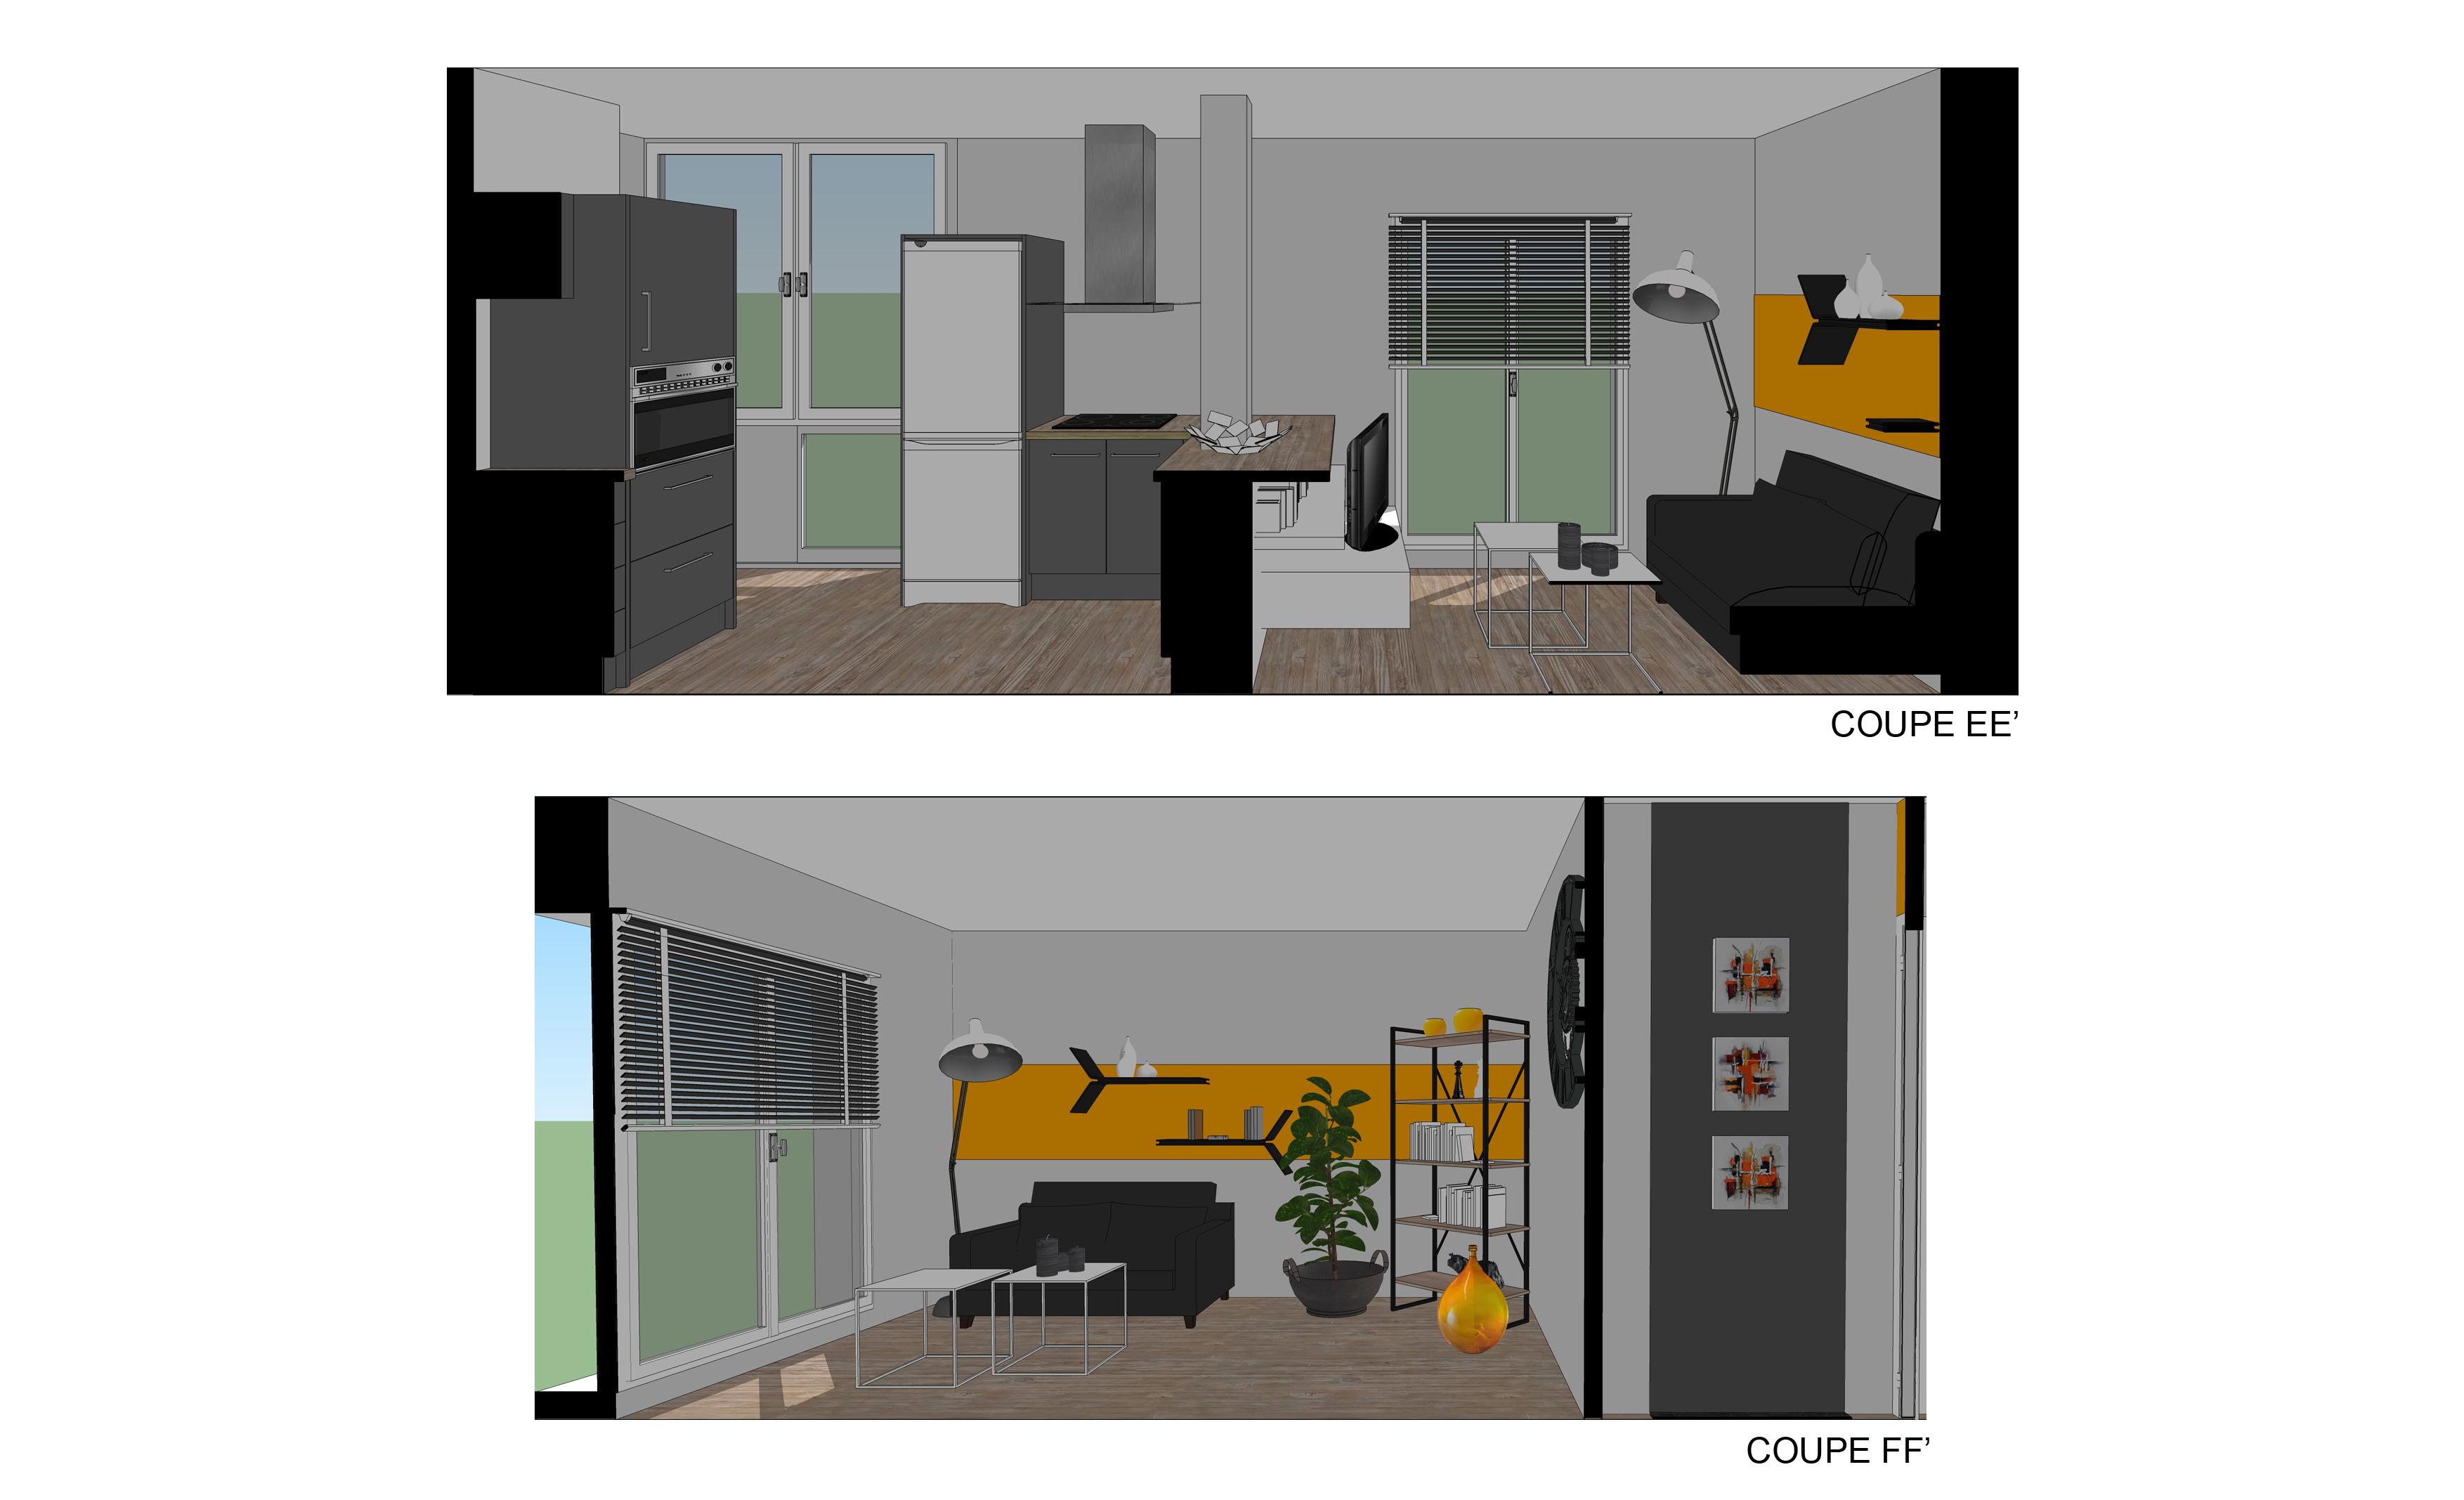 coupe 3 projet restructuration salon cuisine